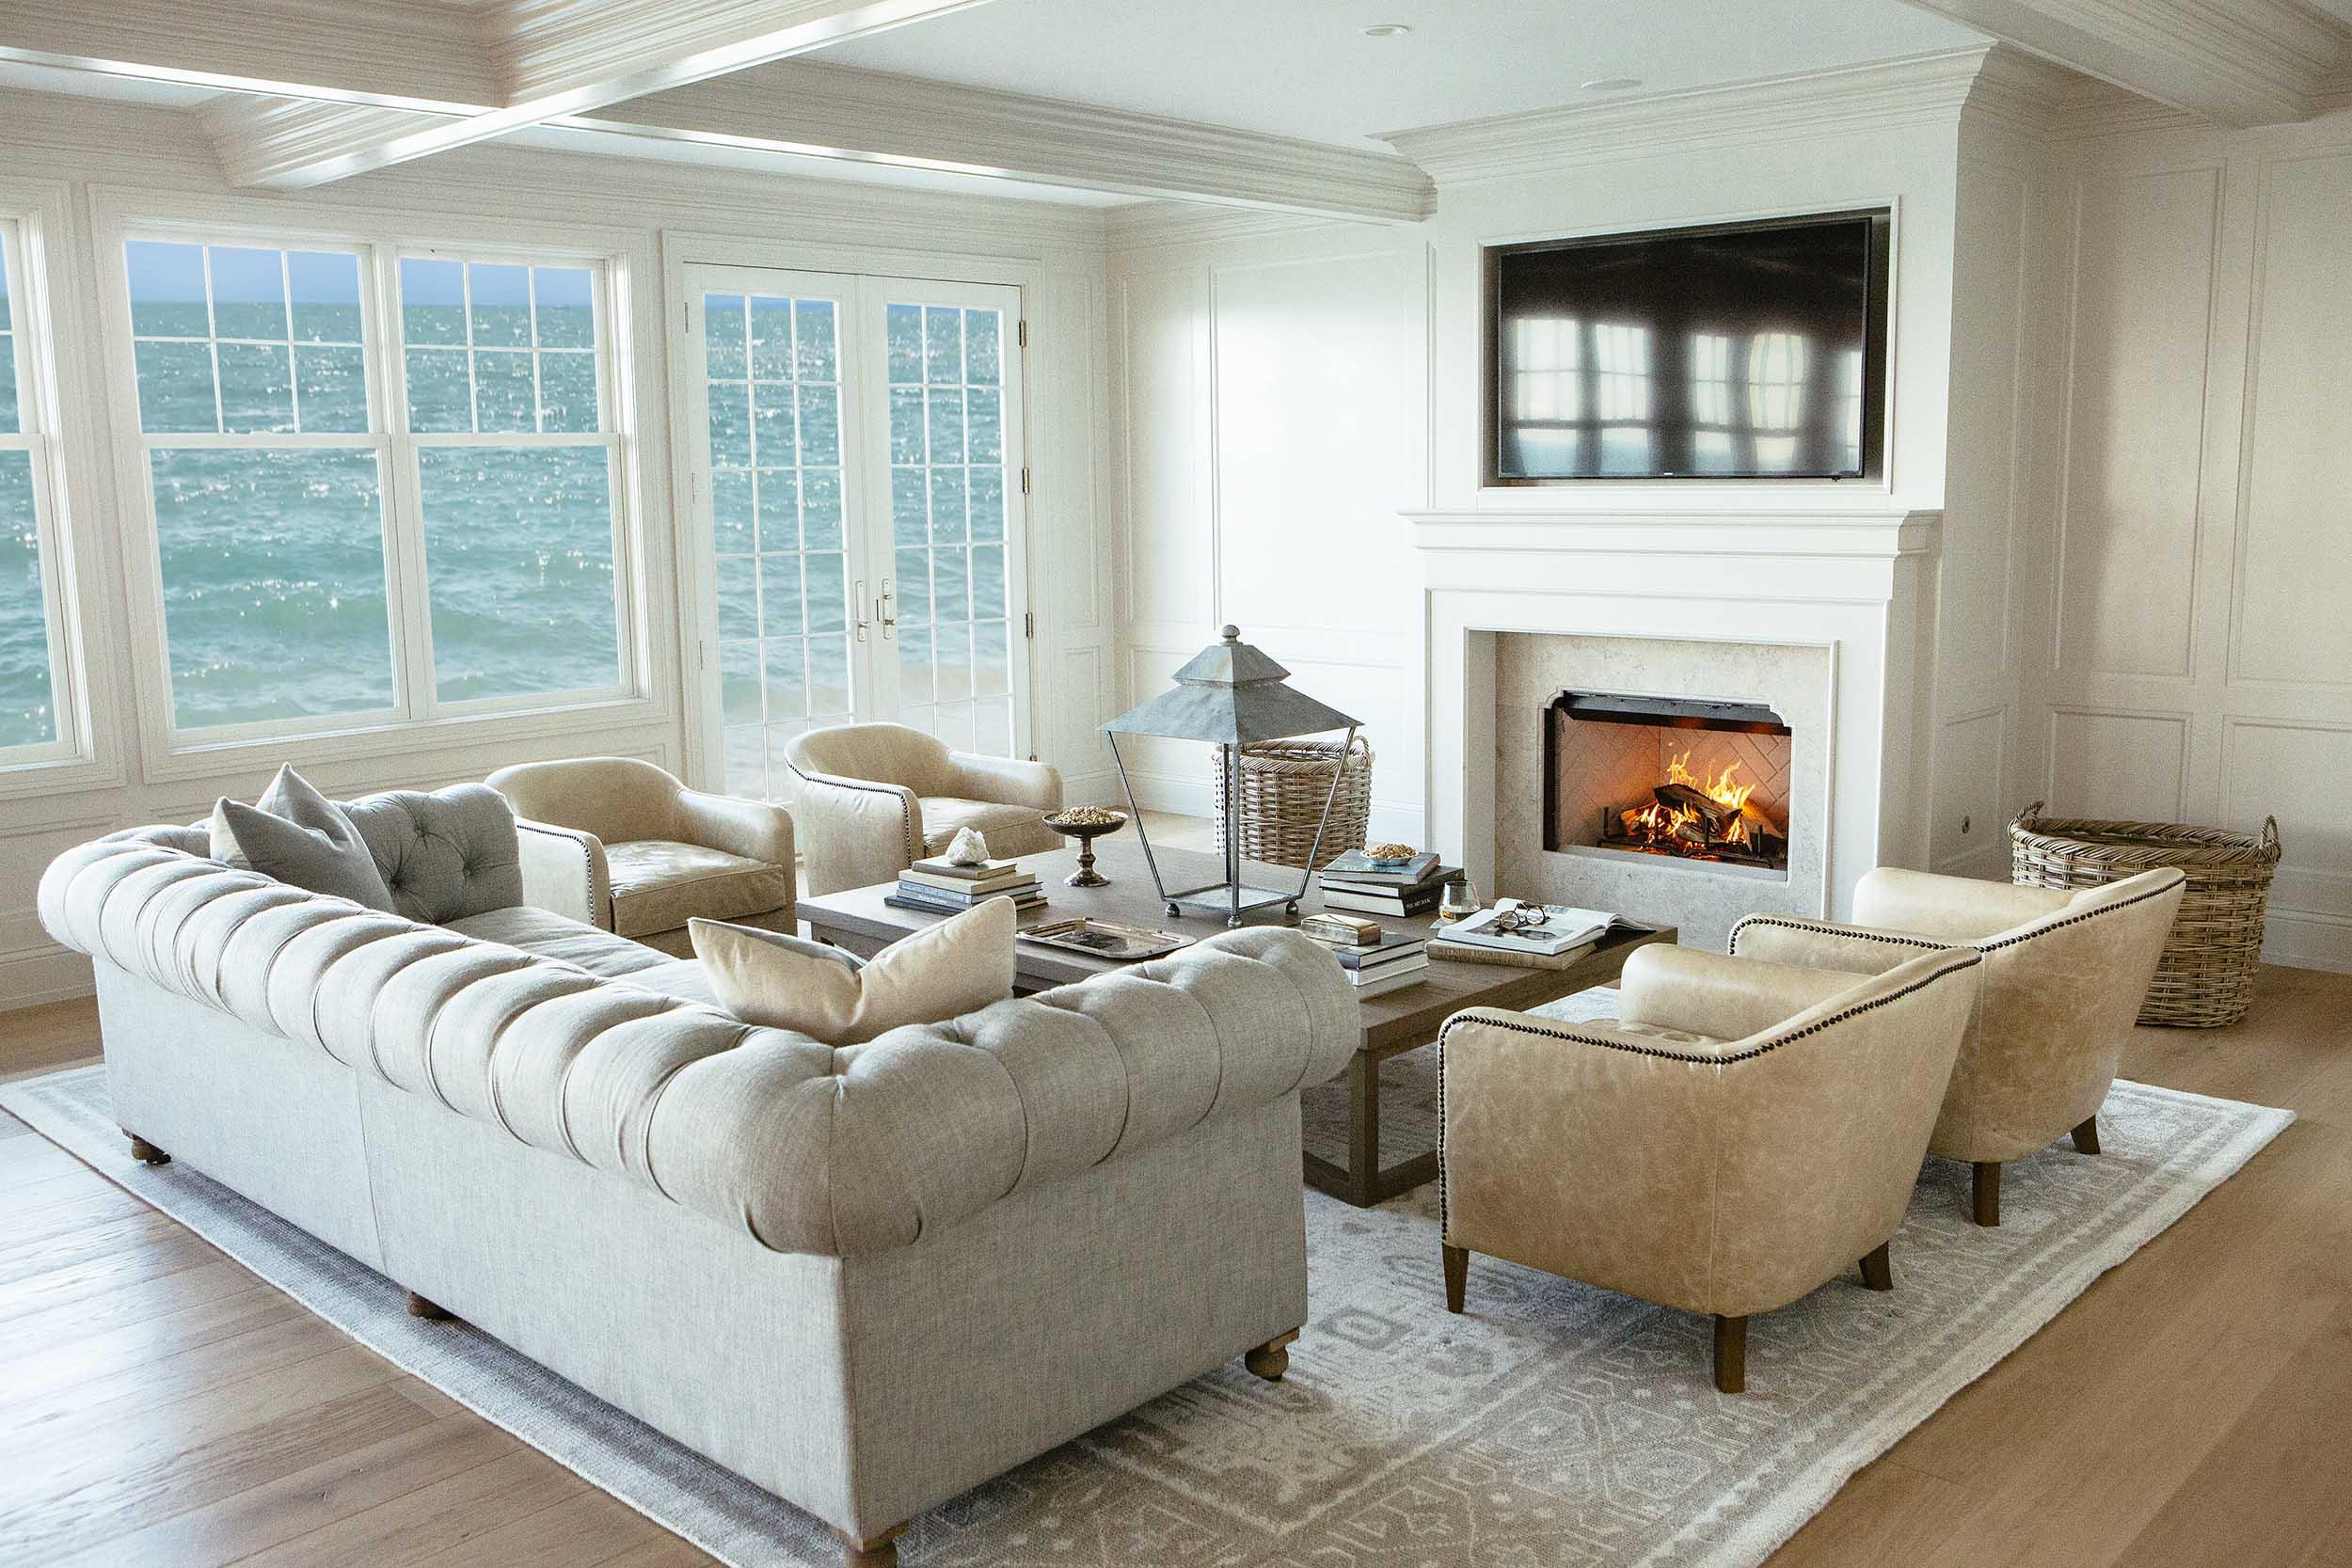 9Leo_Designs_Chicago_interior_design_grand_haven_beach_refuge.jpg